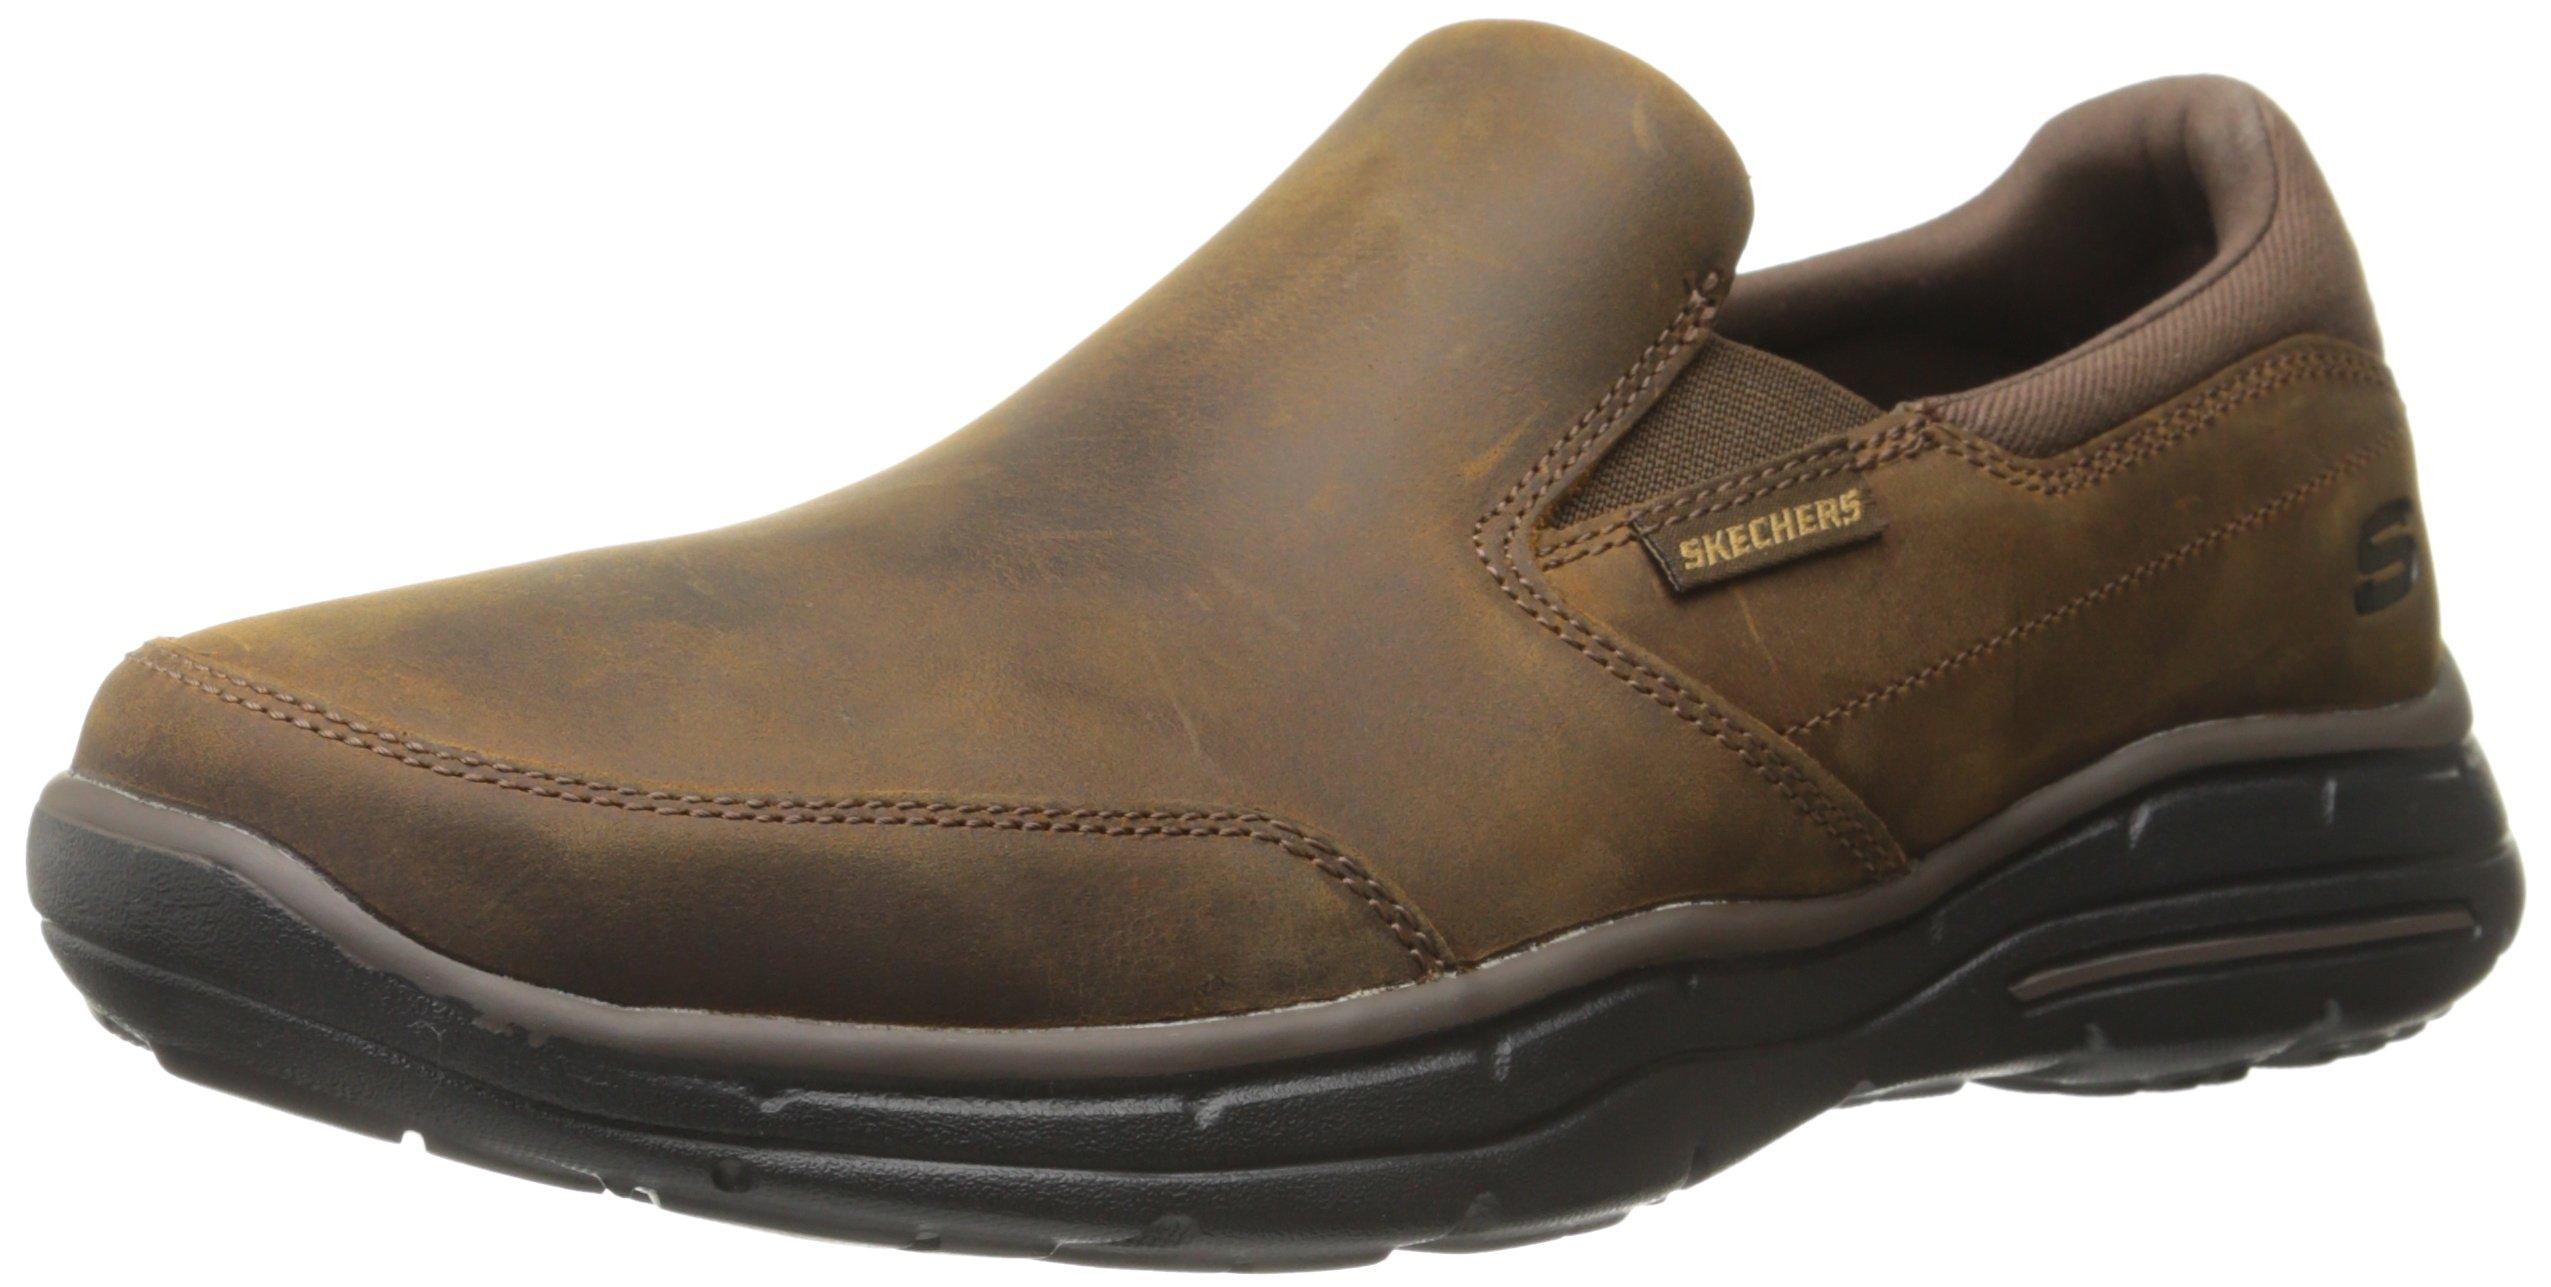 Skechers Men's Glides Calculous Slip-On Loafer,Dark Brown,10.5 3E US